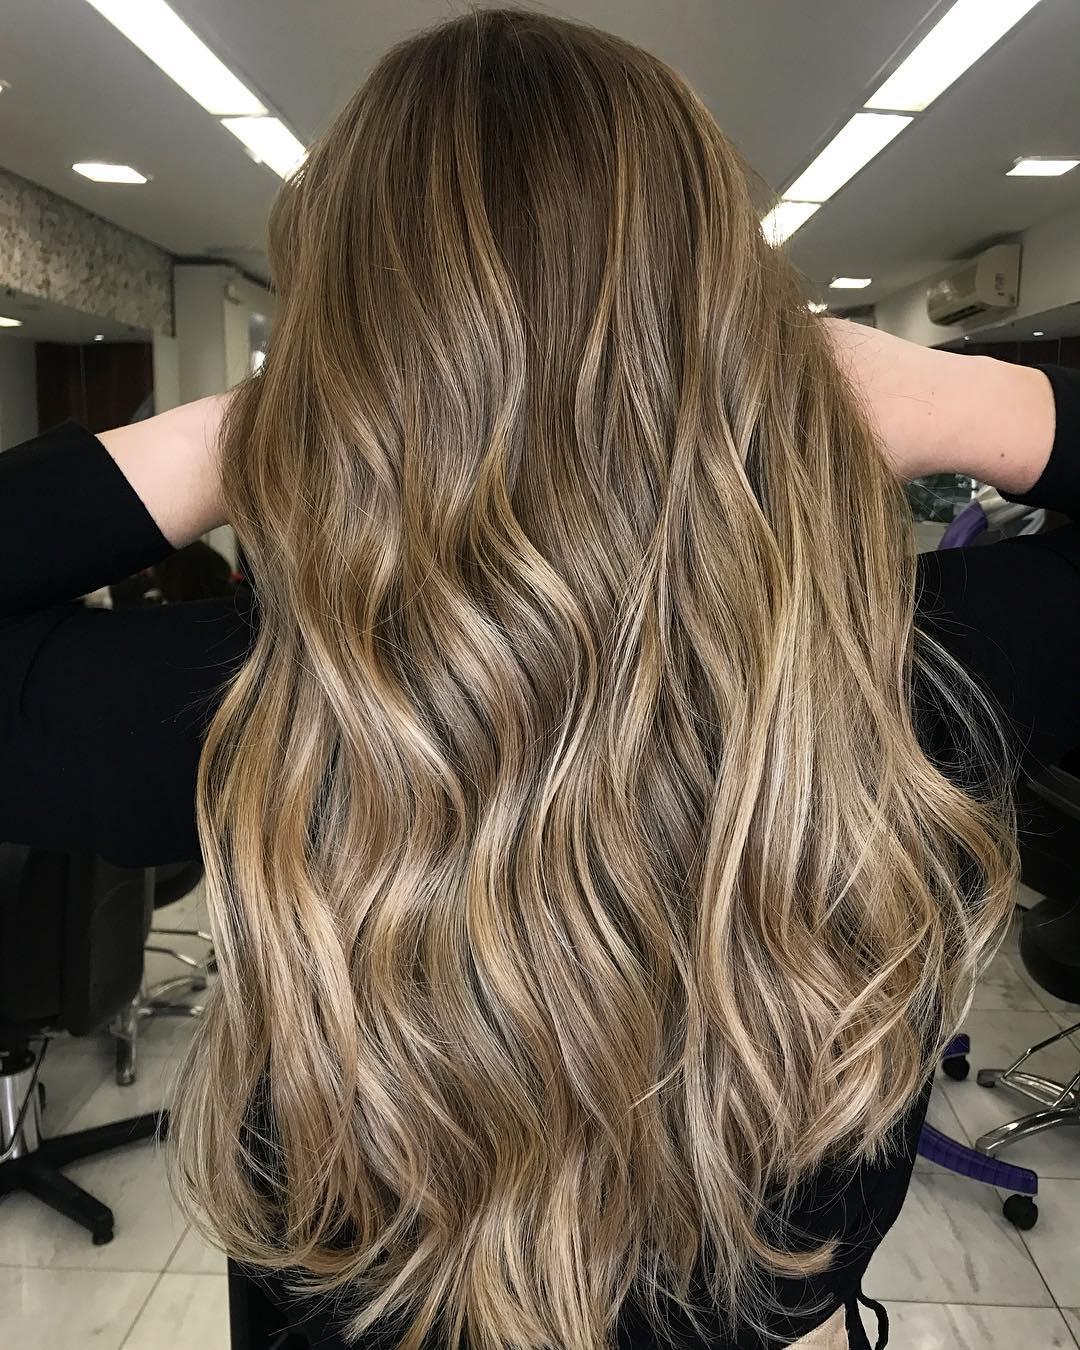 Caramel balayage on dirty blonde hair